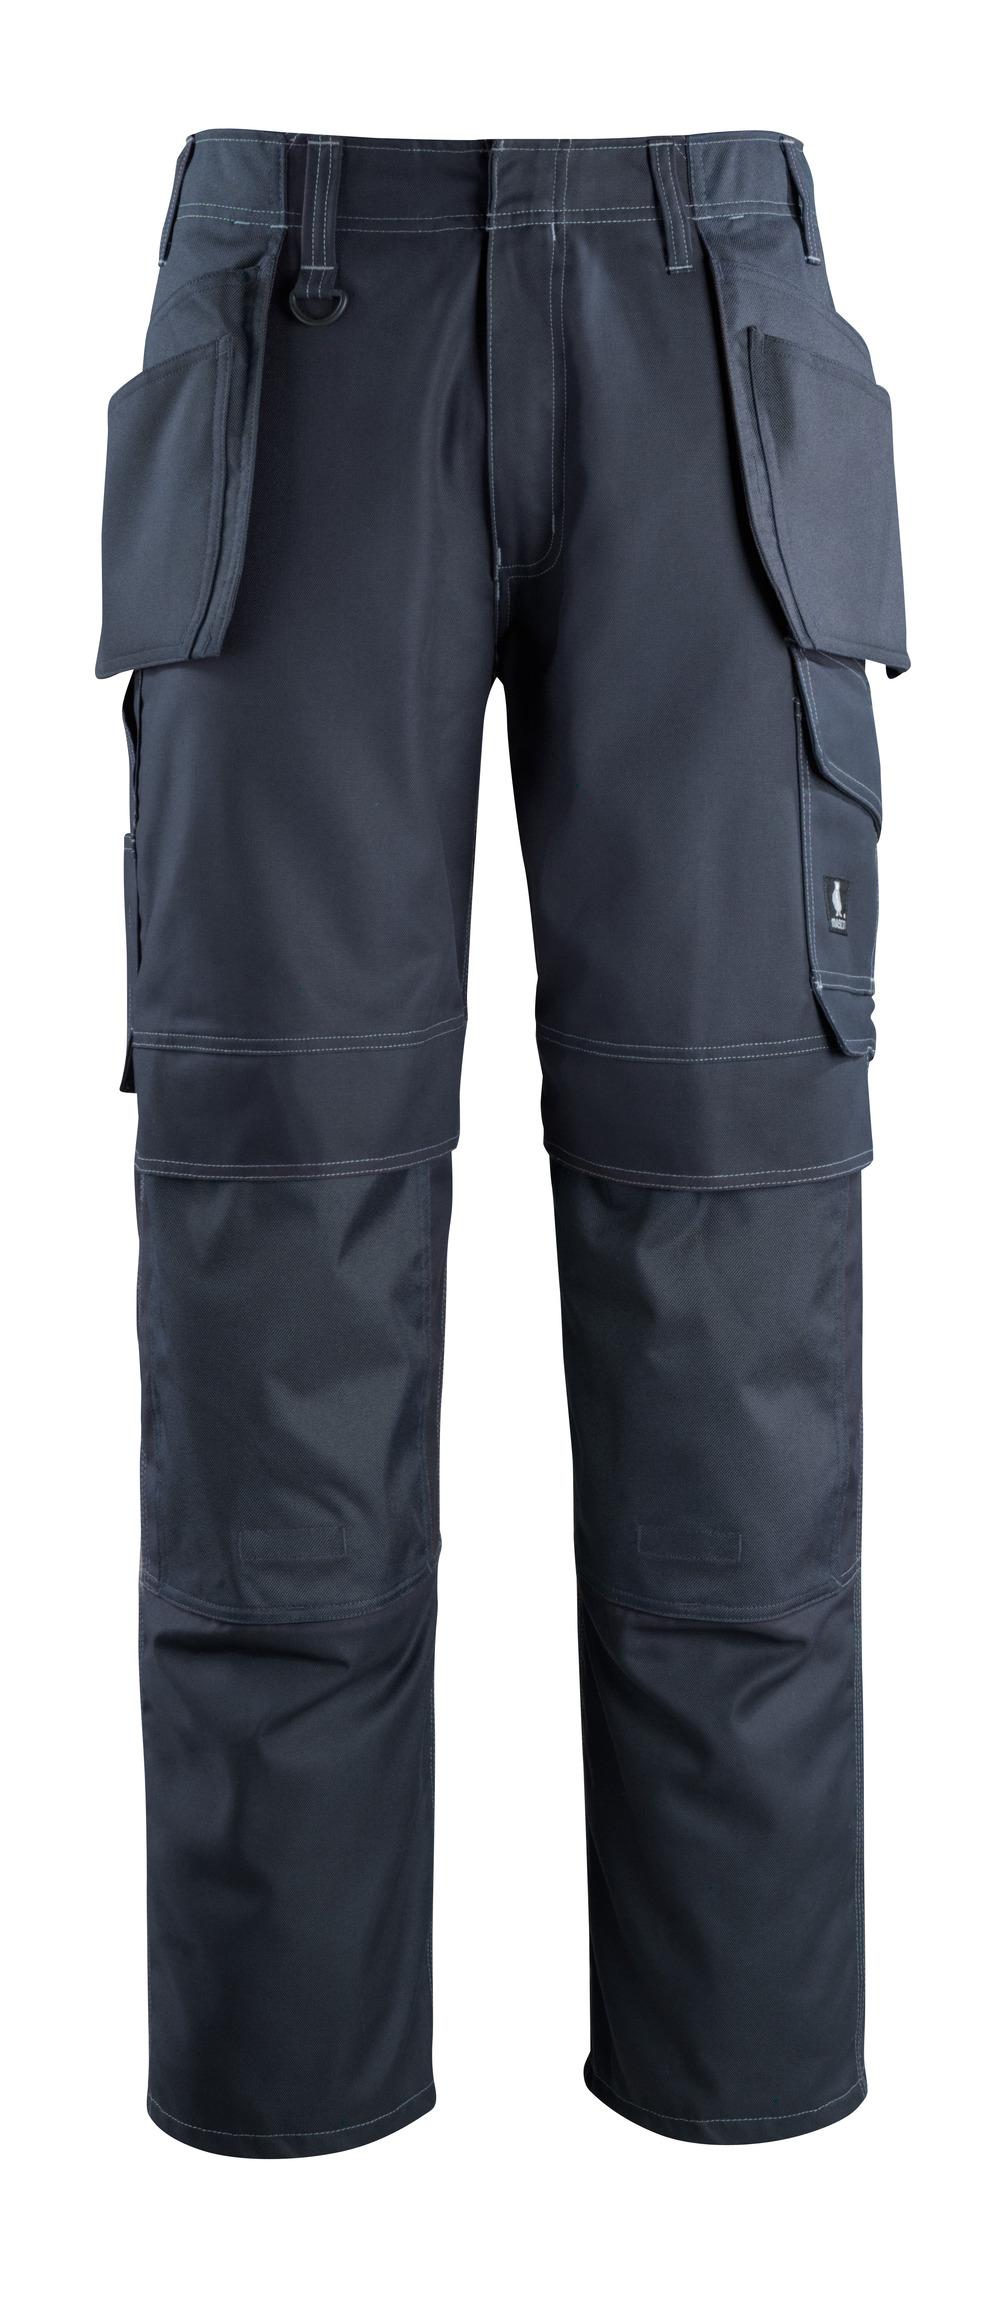 10131-154-010 Broek met knie- en spijkerzakken - donkermarine